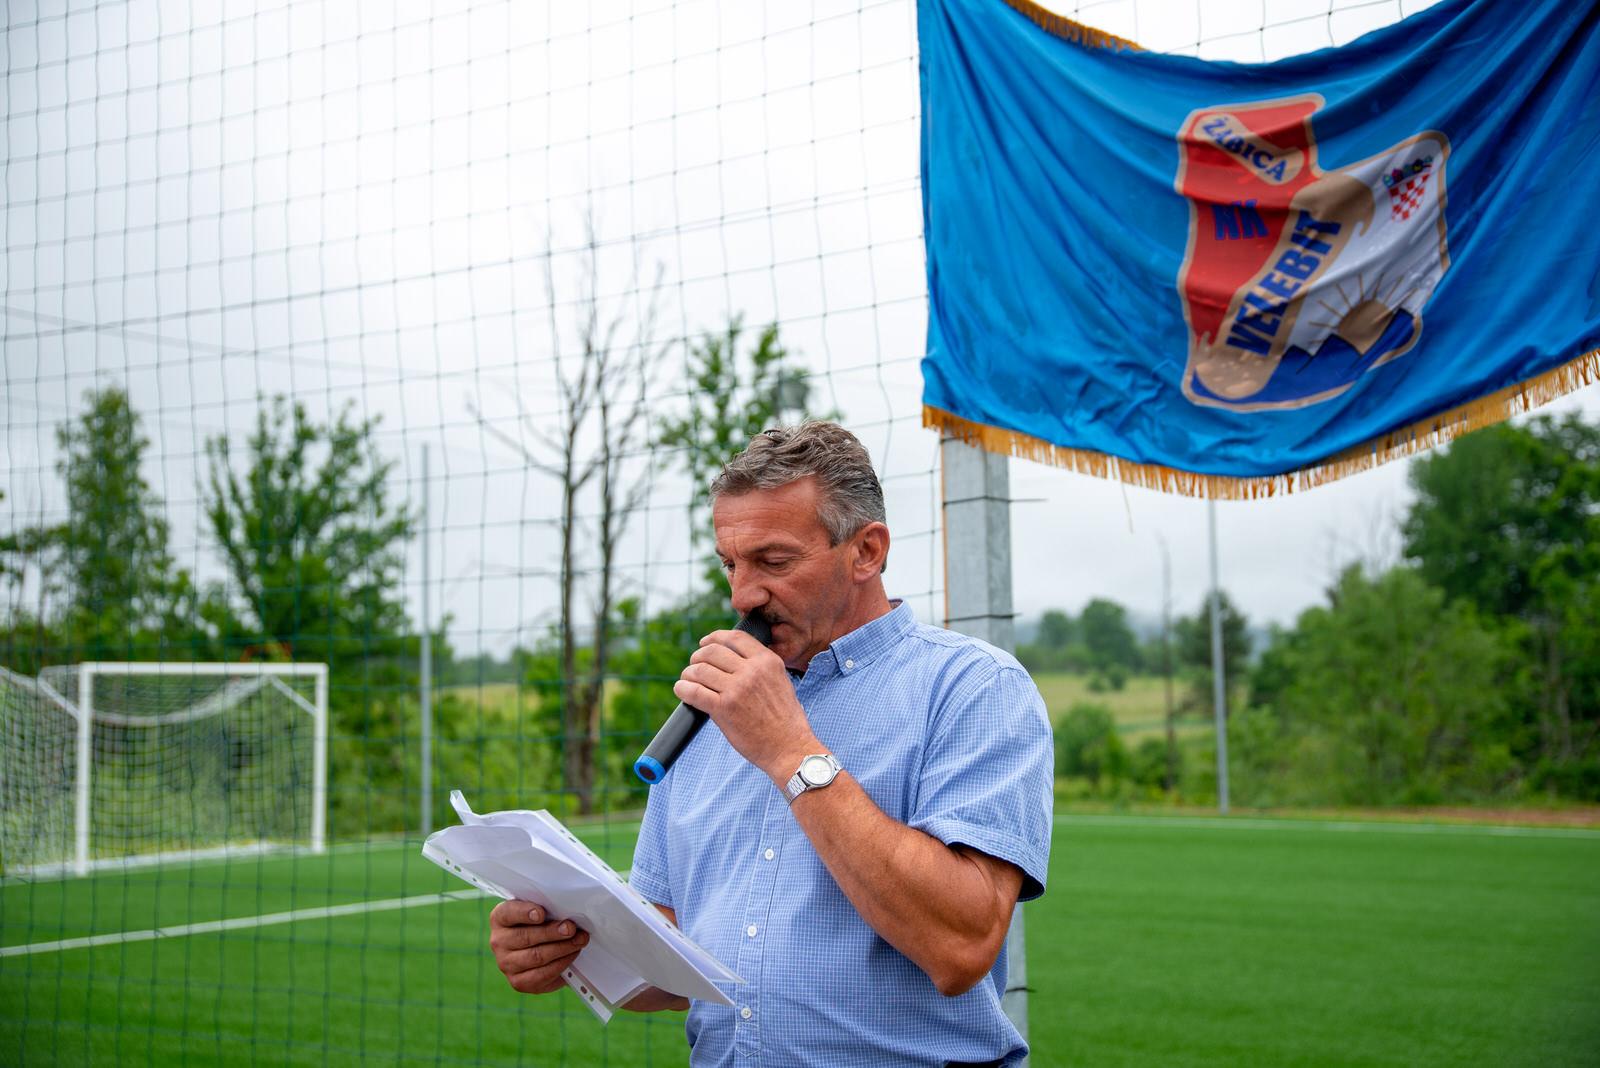 likaclub_žabica_otvaranje nogometnog igrališta_6_2020 (11)